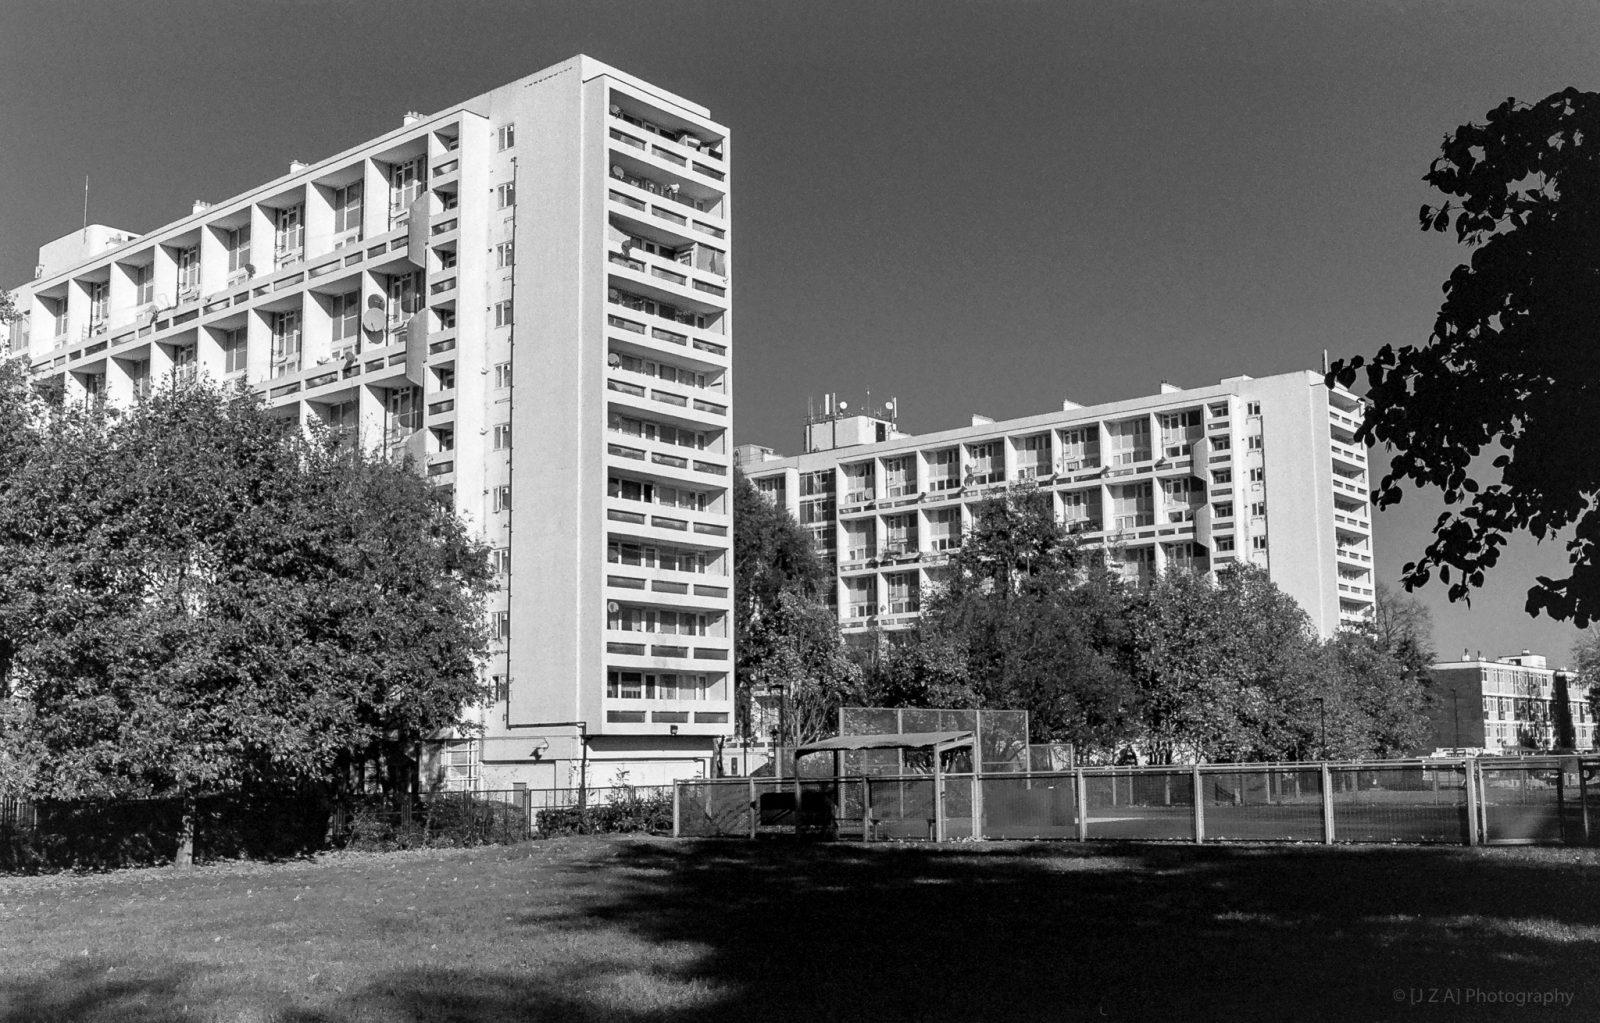 Loughbrough Estate